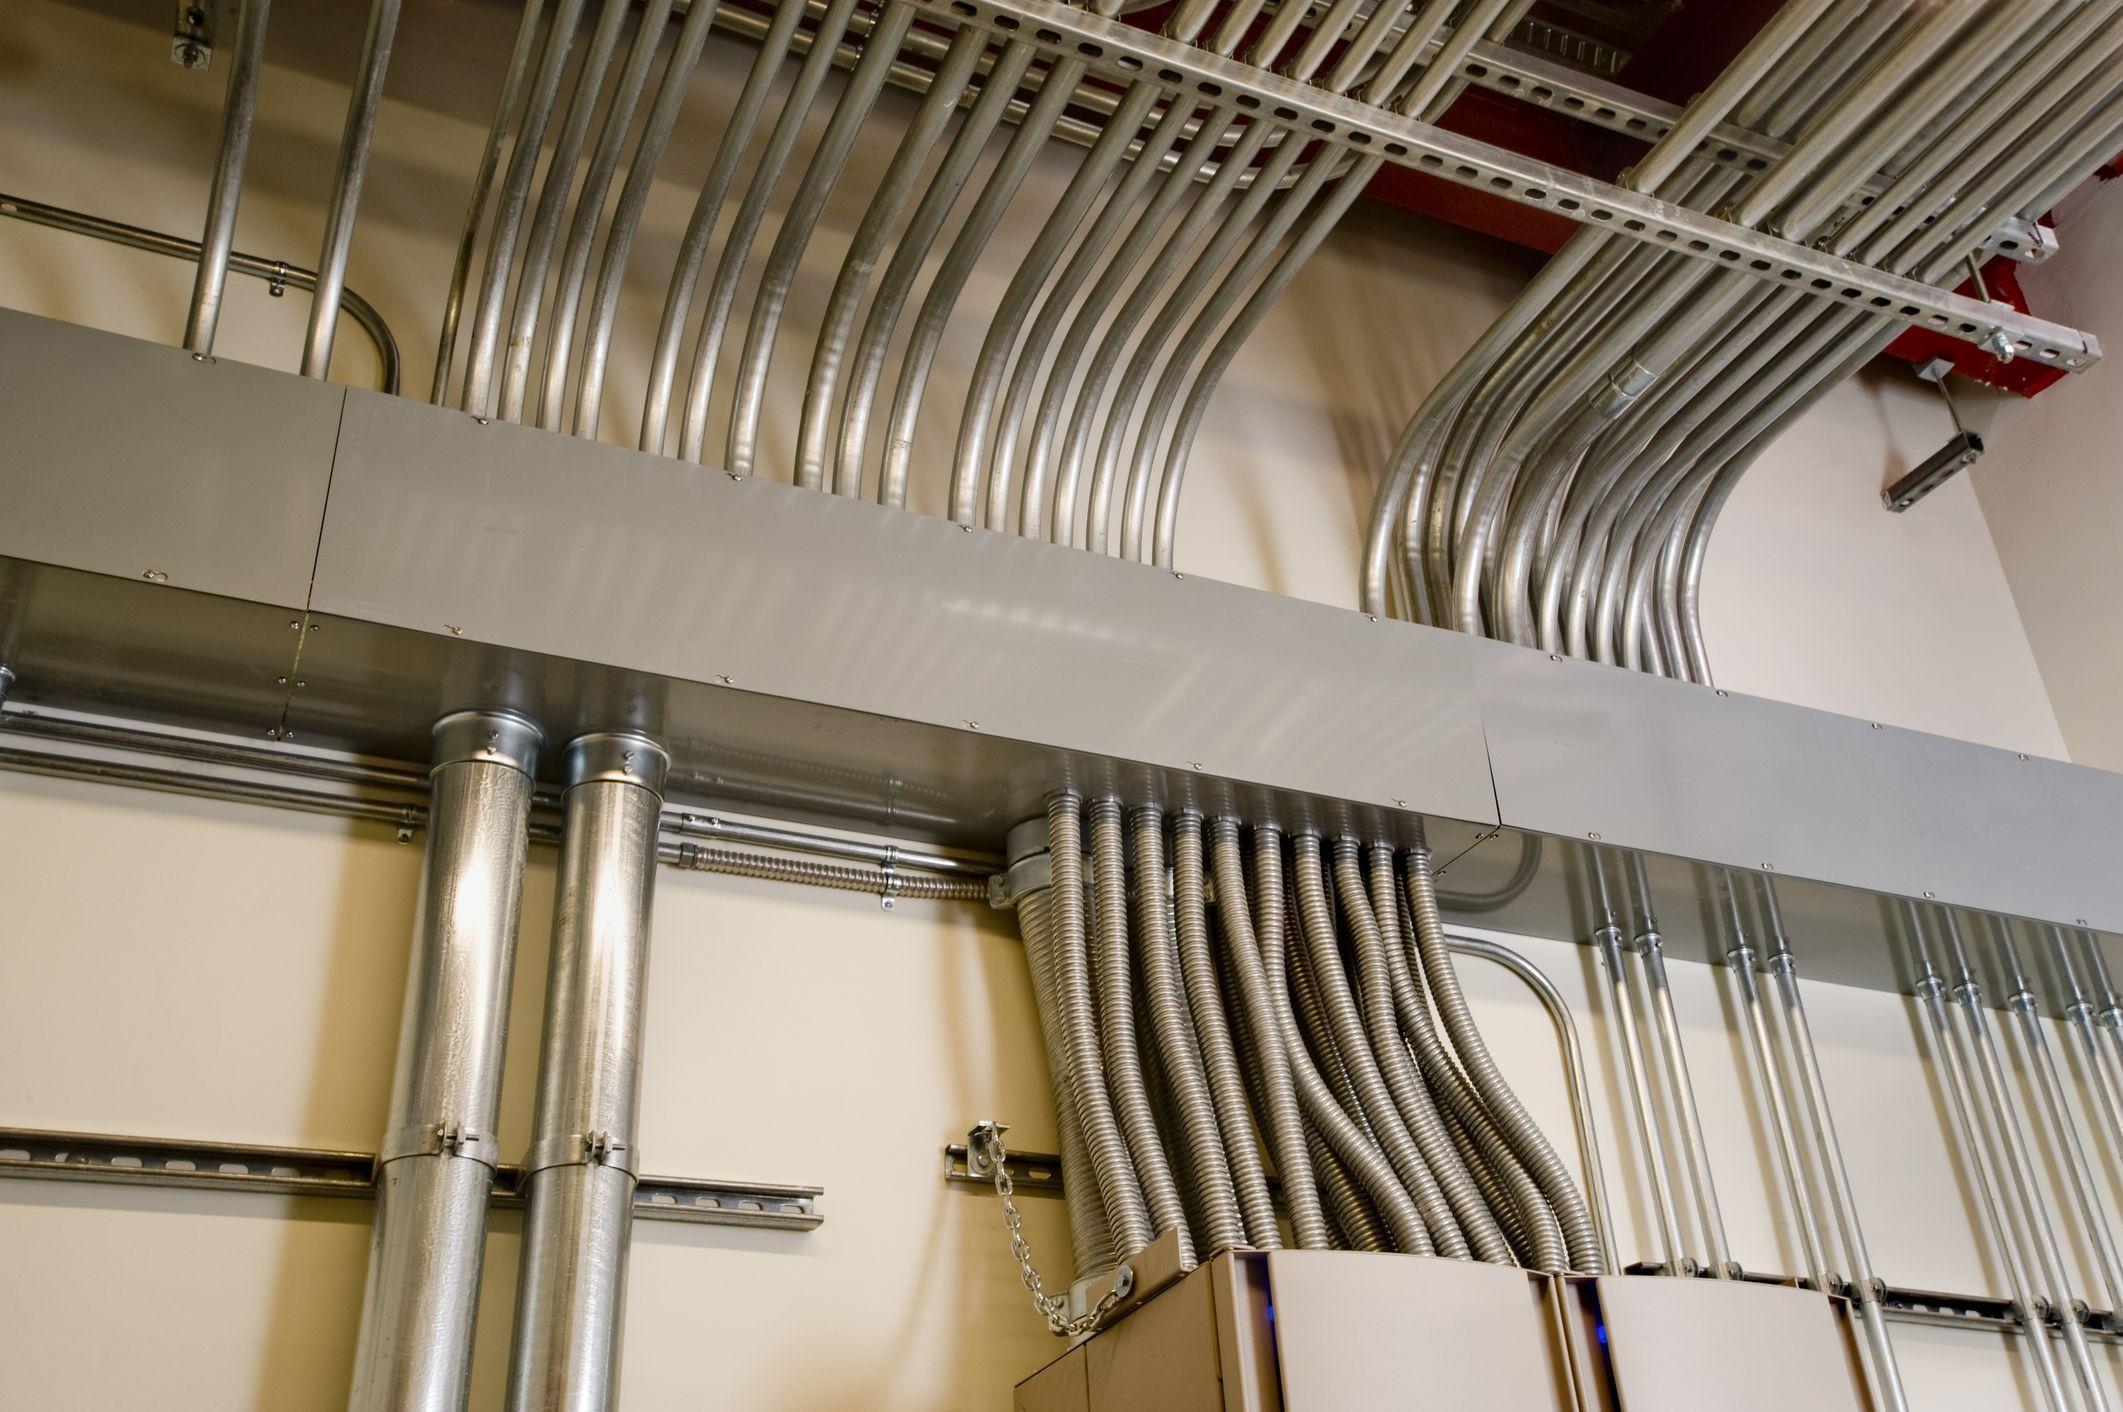 Wiring Conduit Installation